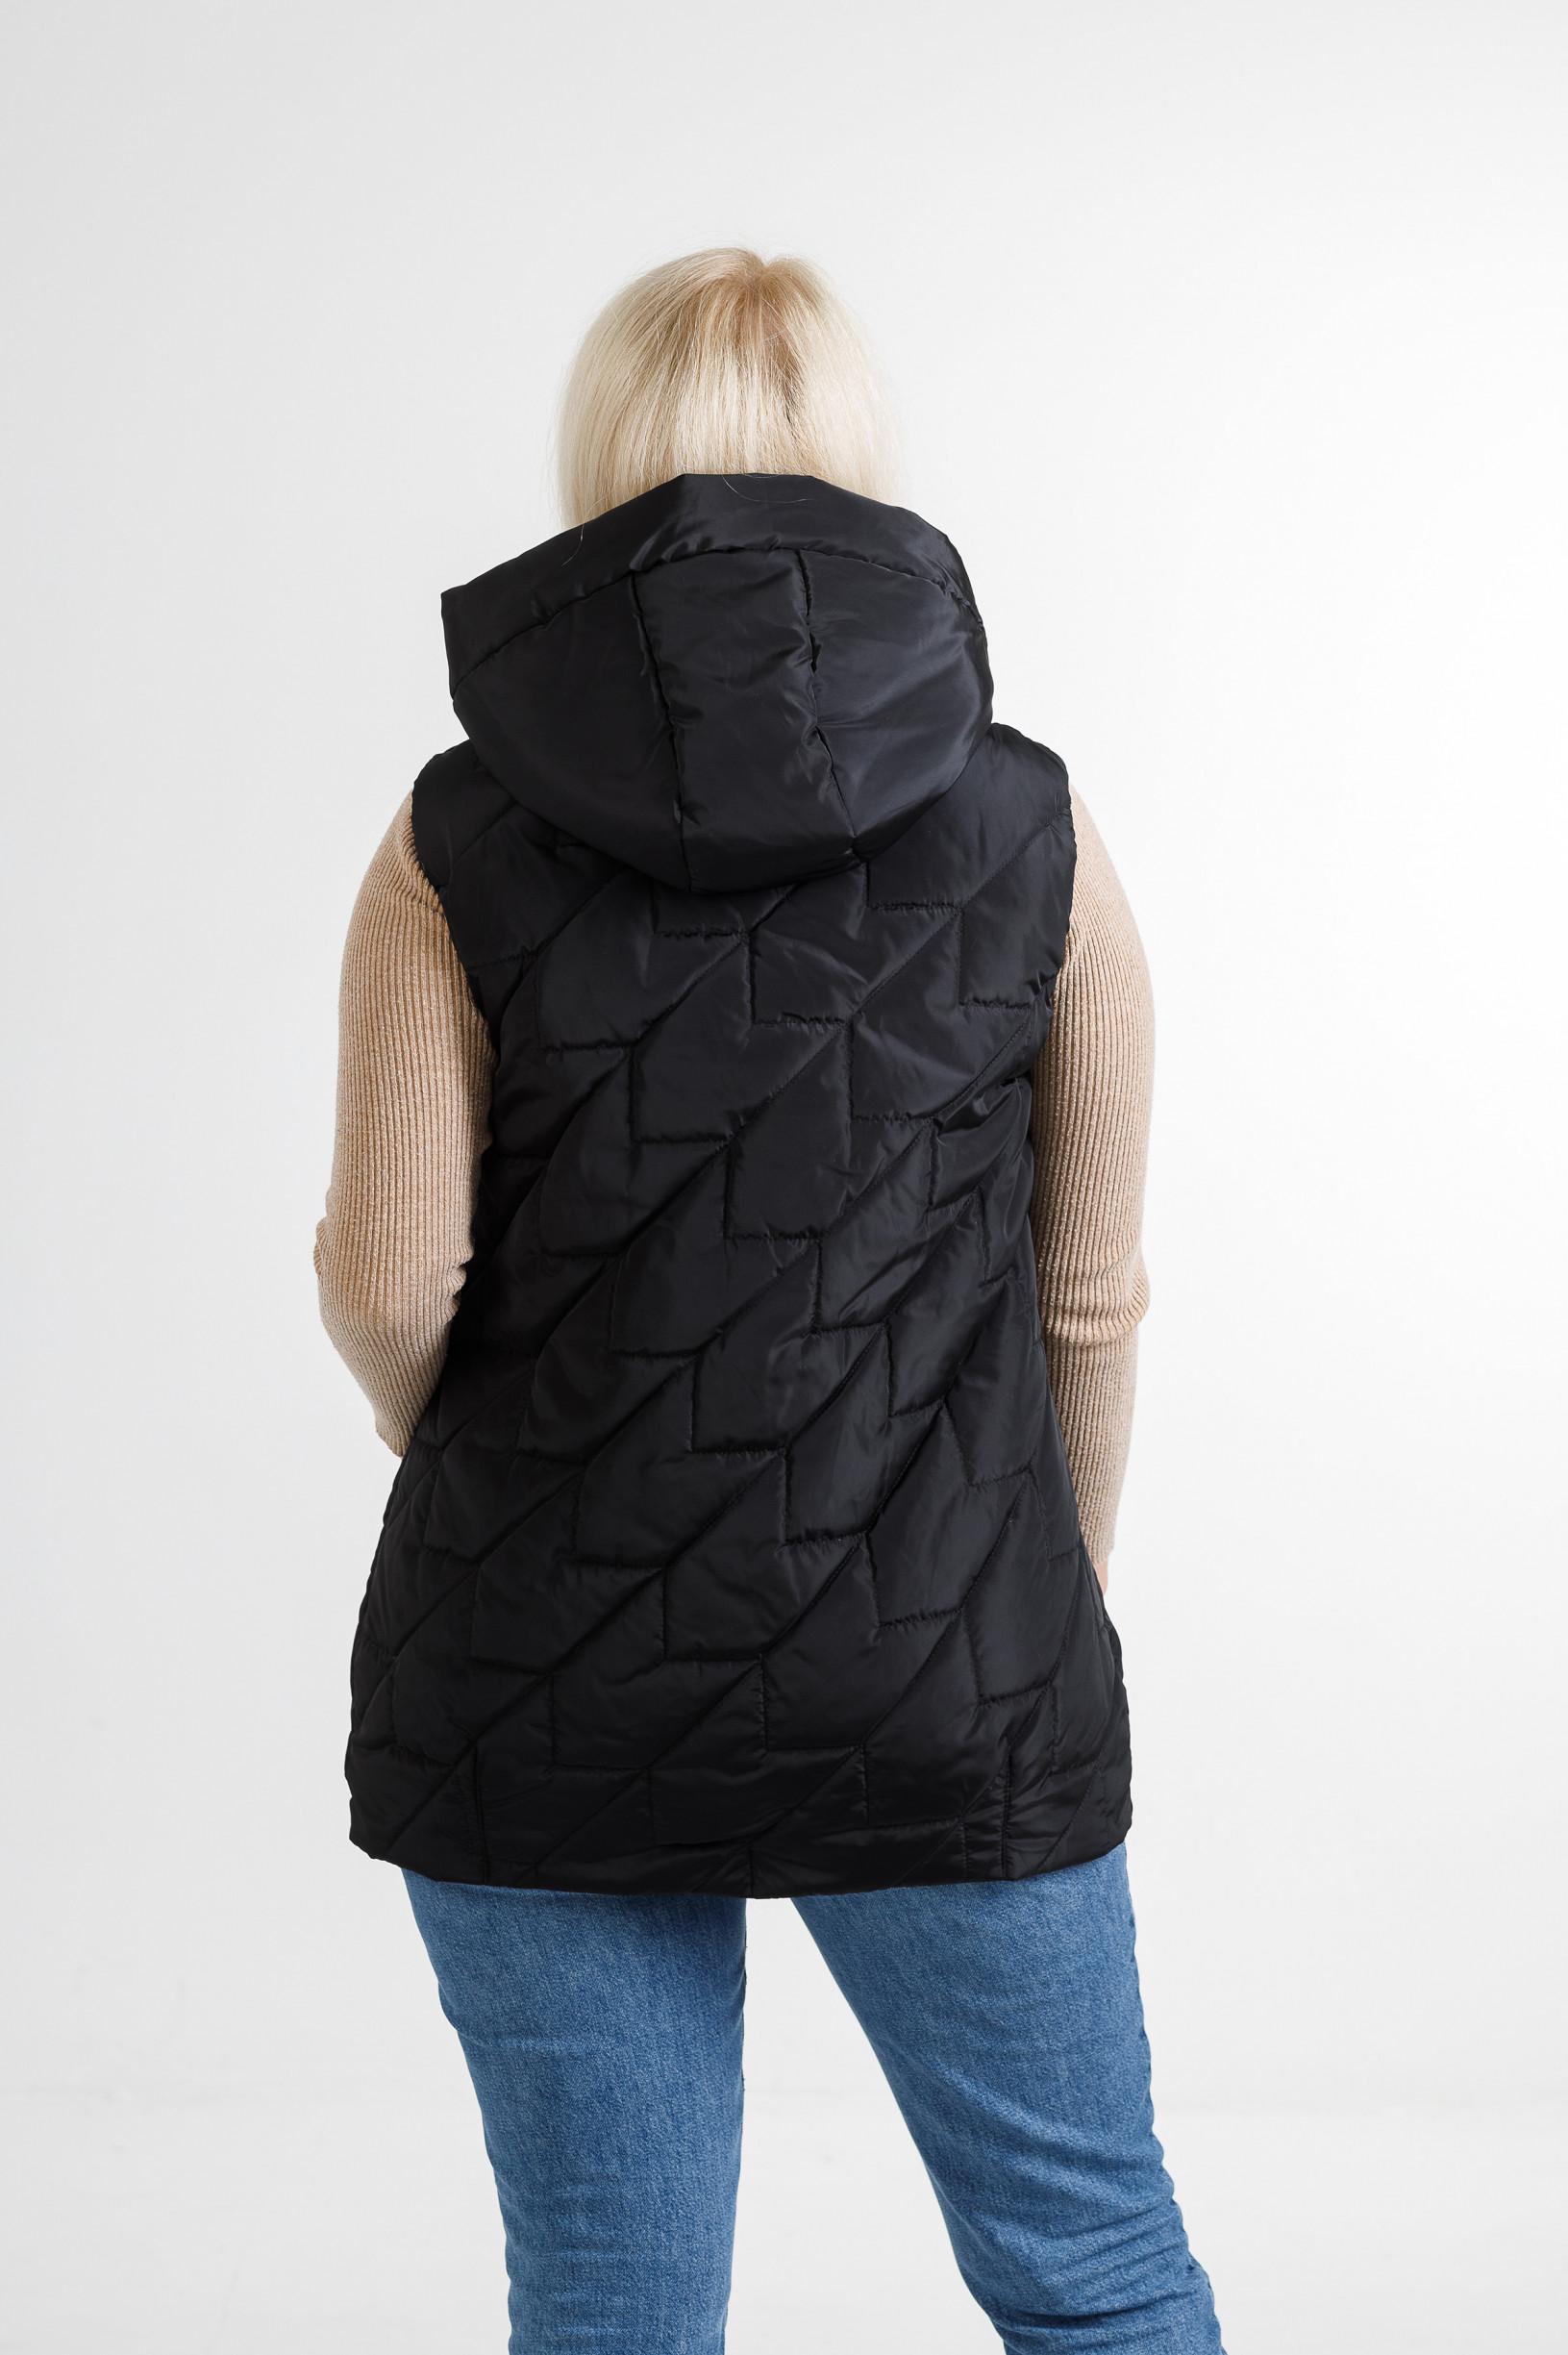 Женская безрукавка Феба чёрного цвета